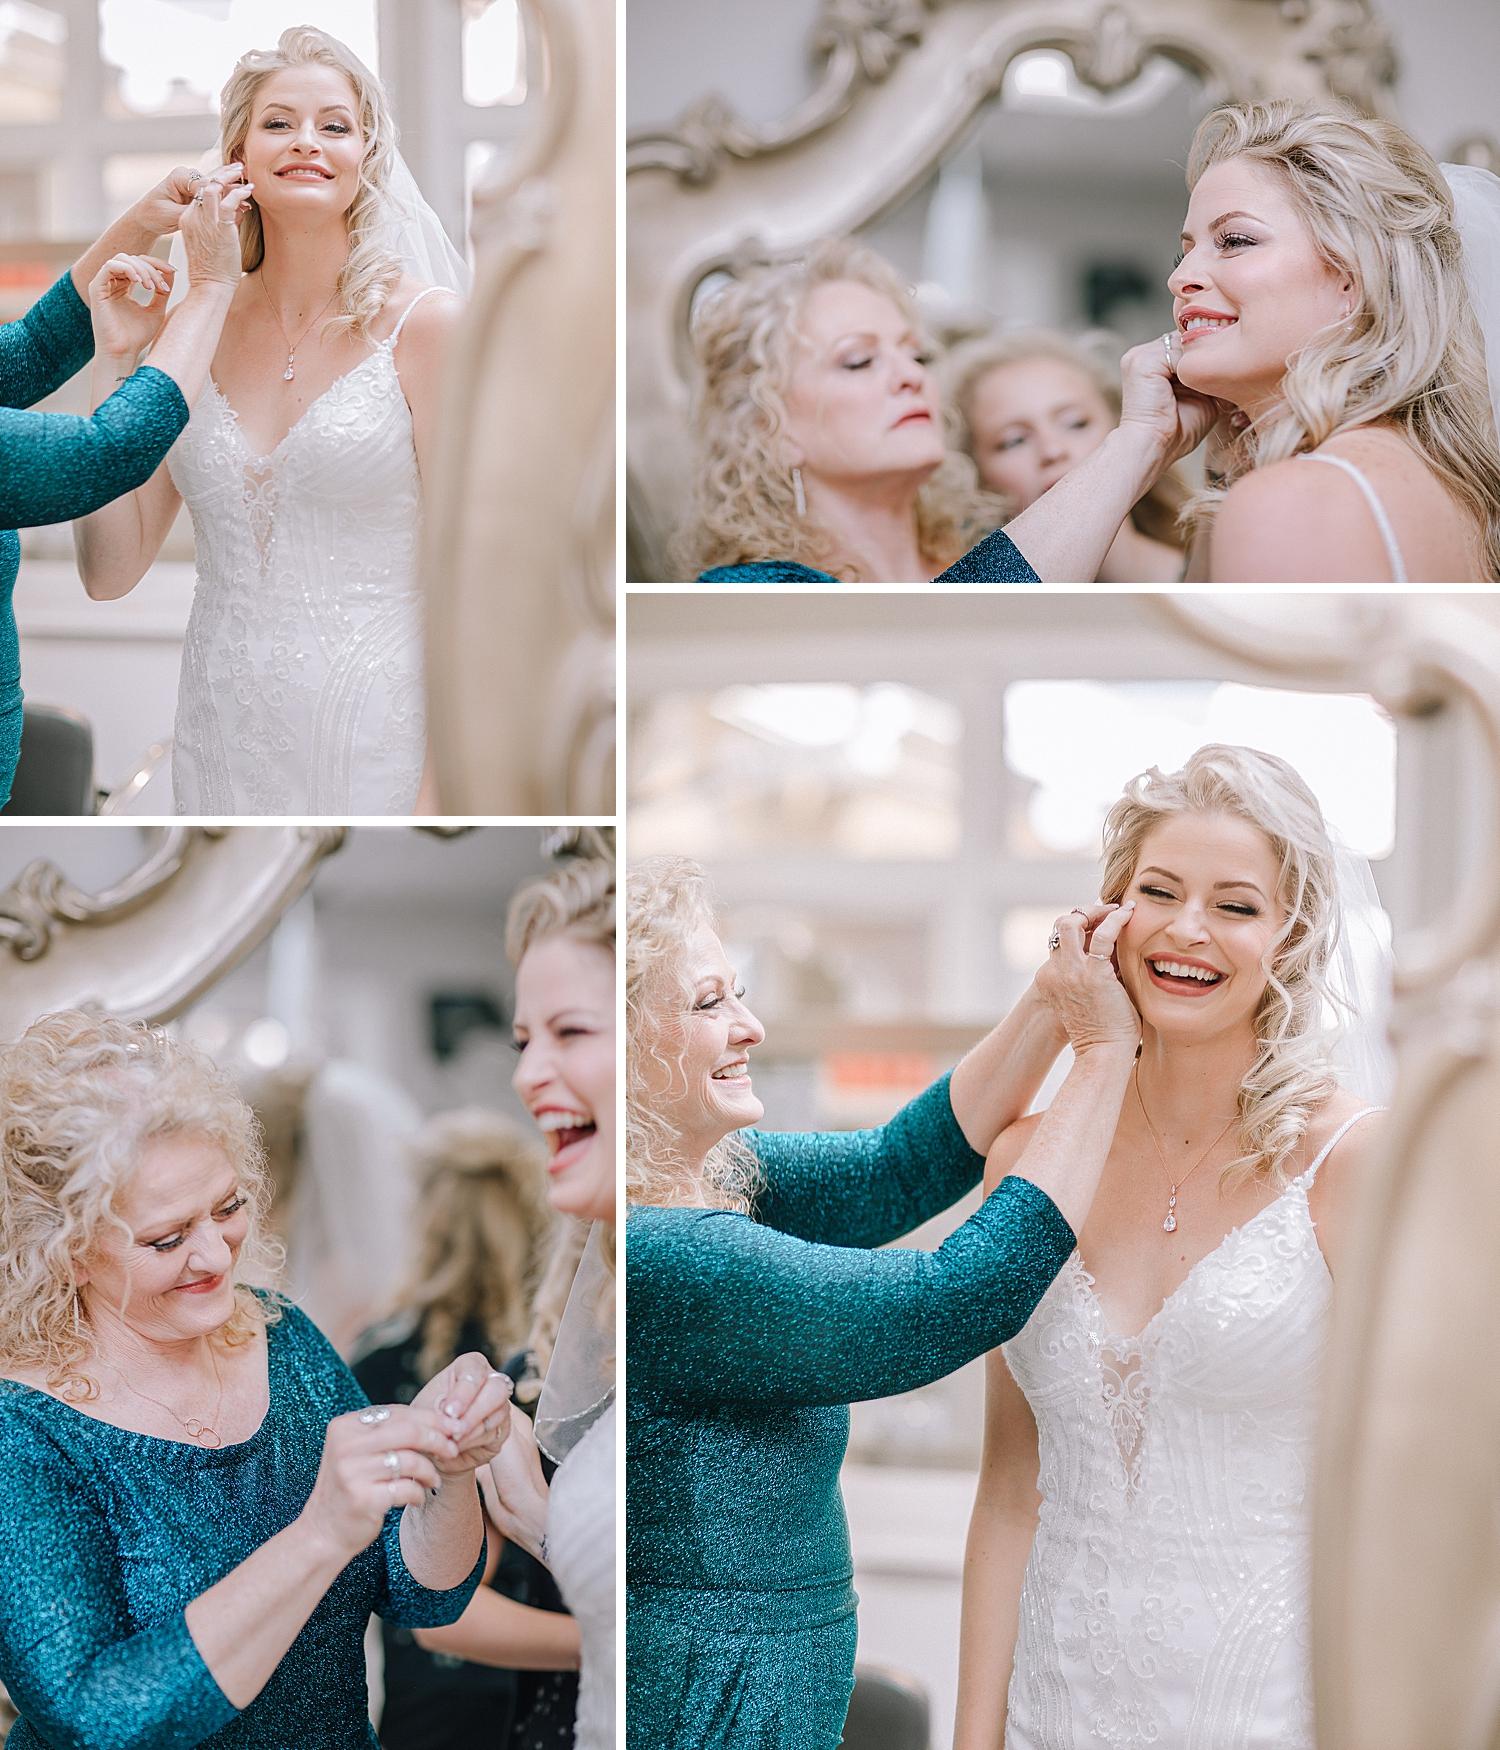 Carly-Barton-Photography-Rocky-Mountain-National-Park-Estes-Park-Wedding-Elopement_0065.jpg